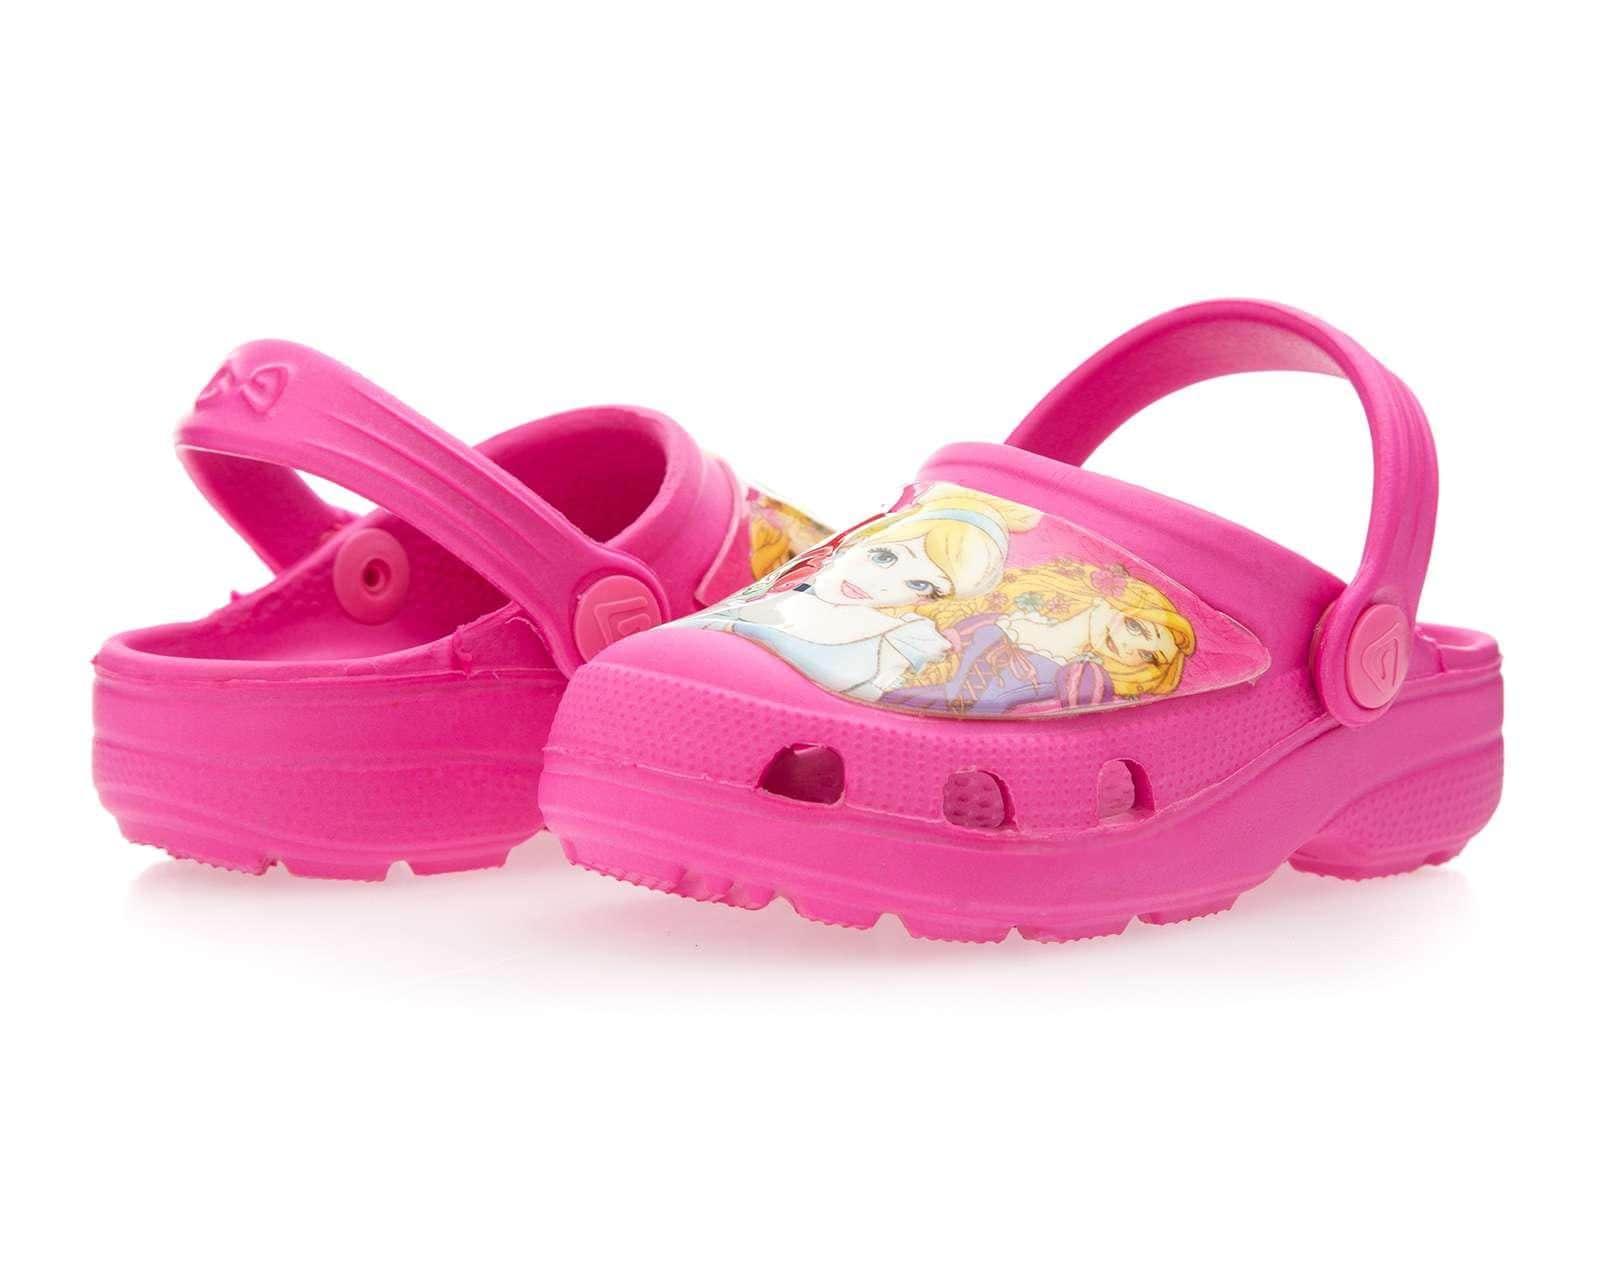 Sandalias Rosas marca Disney Princesas para Bebé Niña